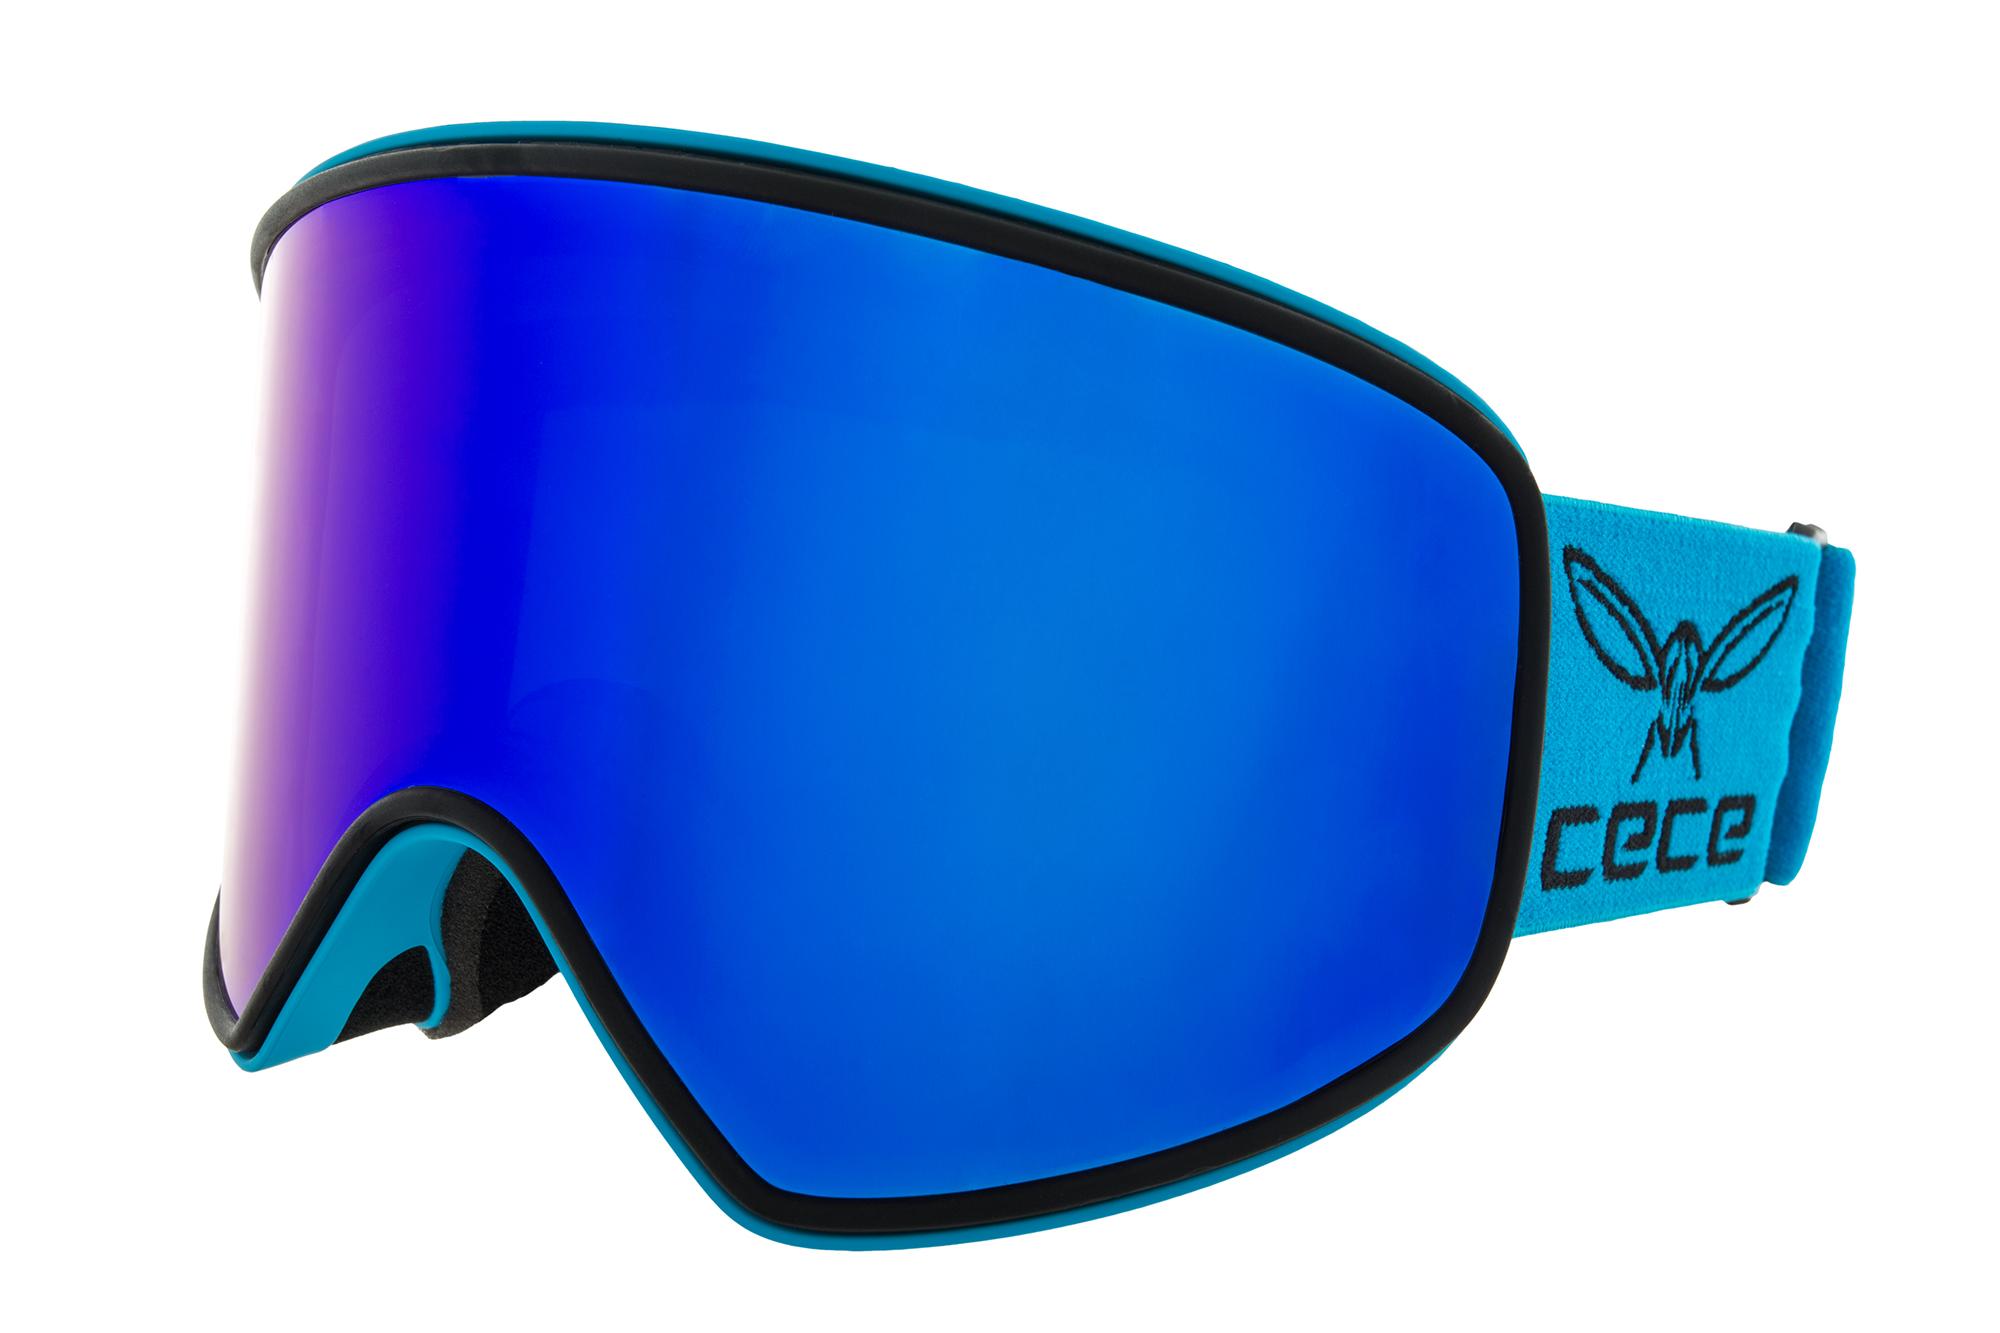 4e73d1da1 Okuliare CECE Magnetic BLUEx | Trendové lyžiarske a snowboardové ...